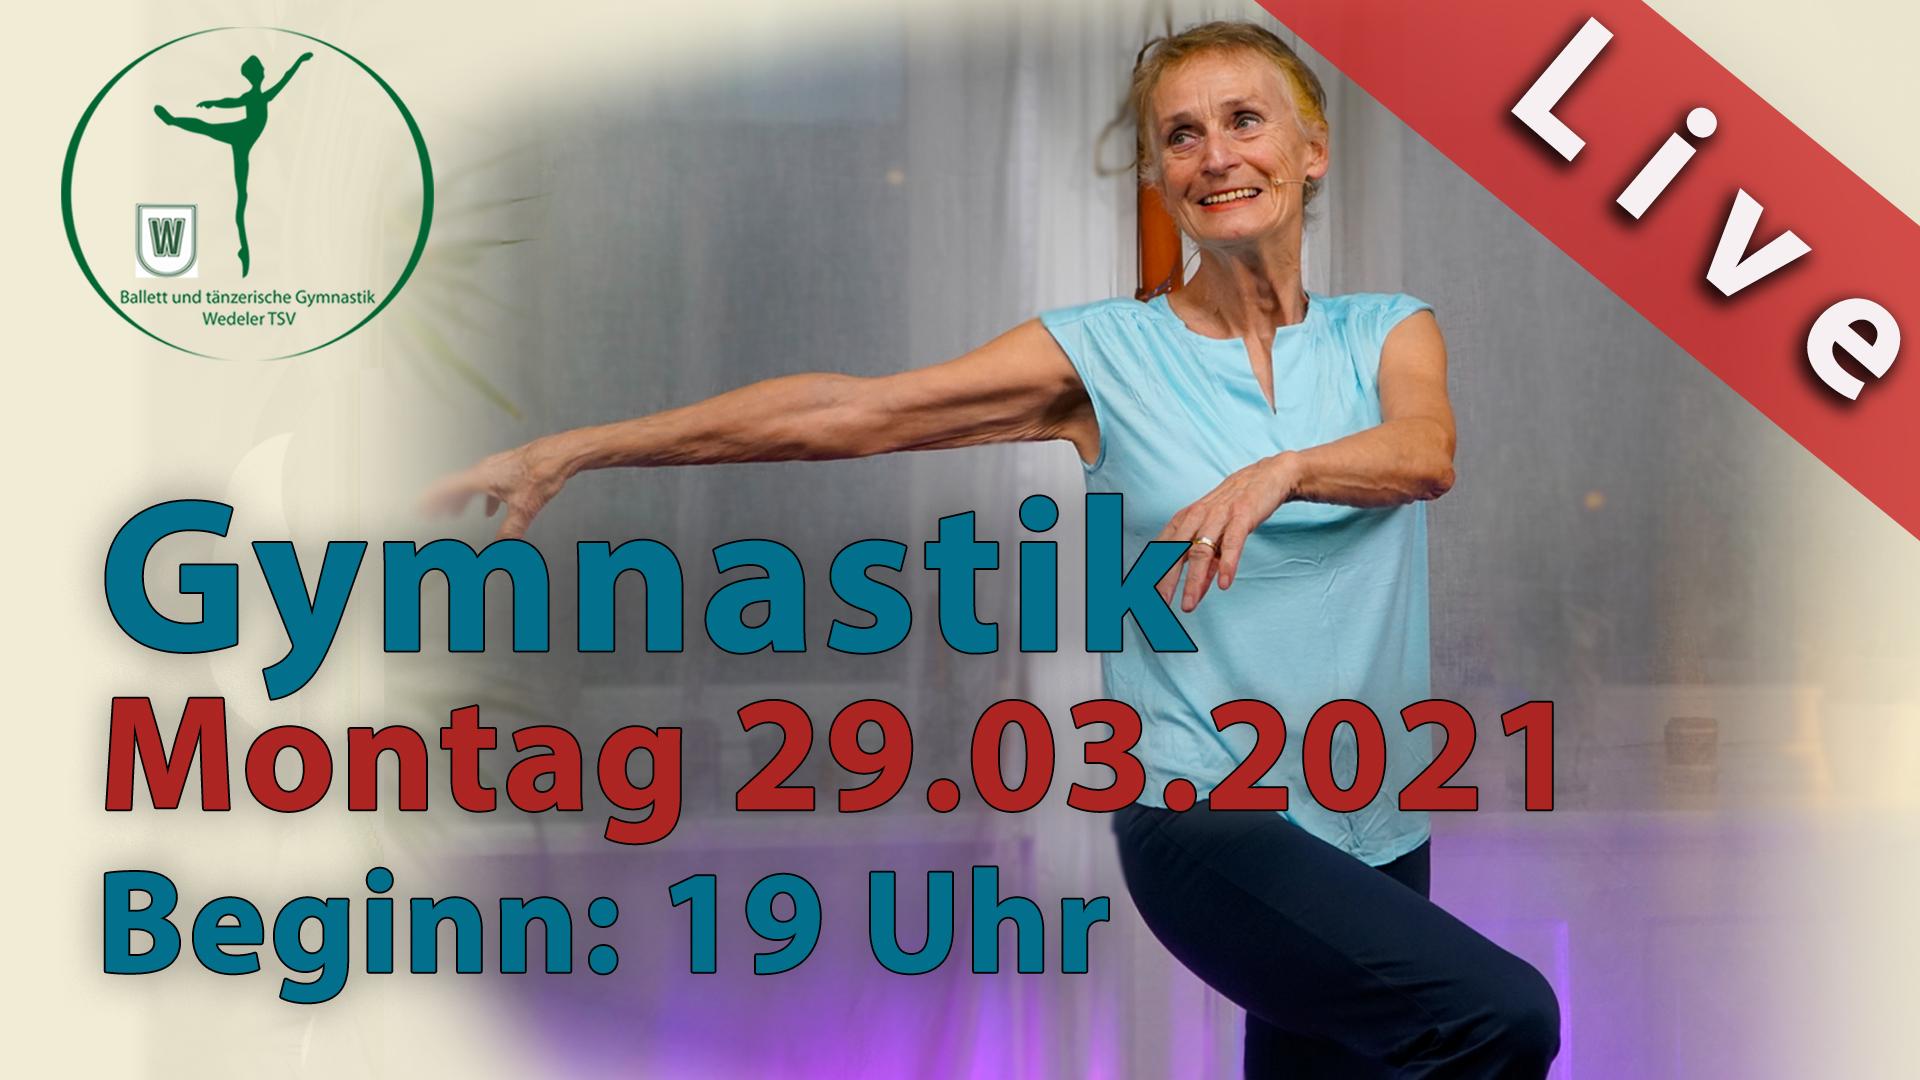 Gymnastik Livestream | Mo 29.03.2021 | 19 Uhr